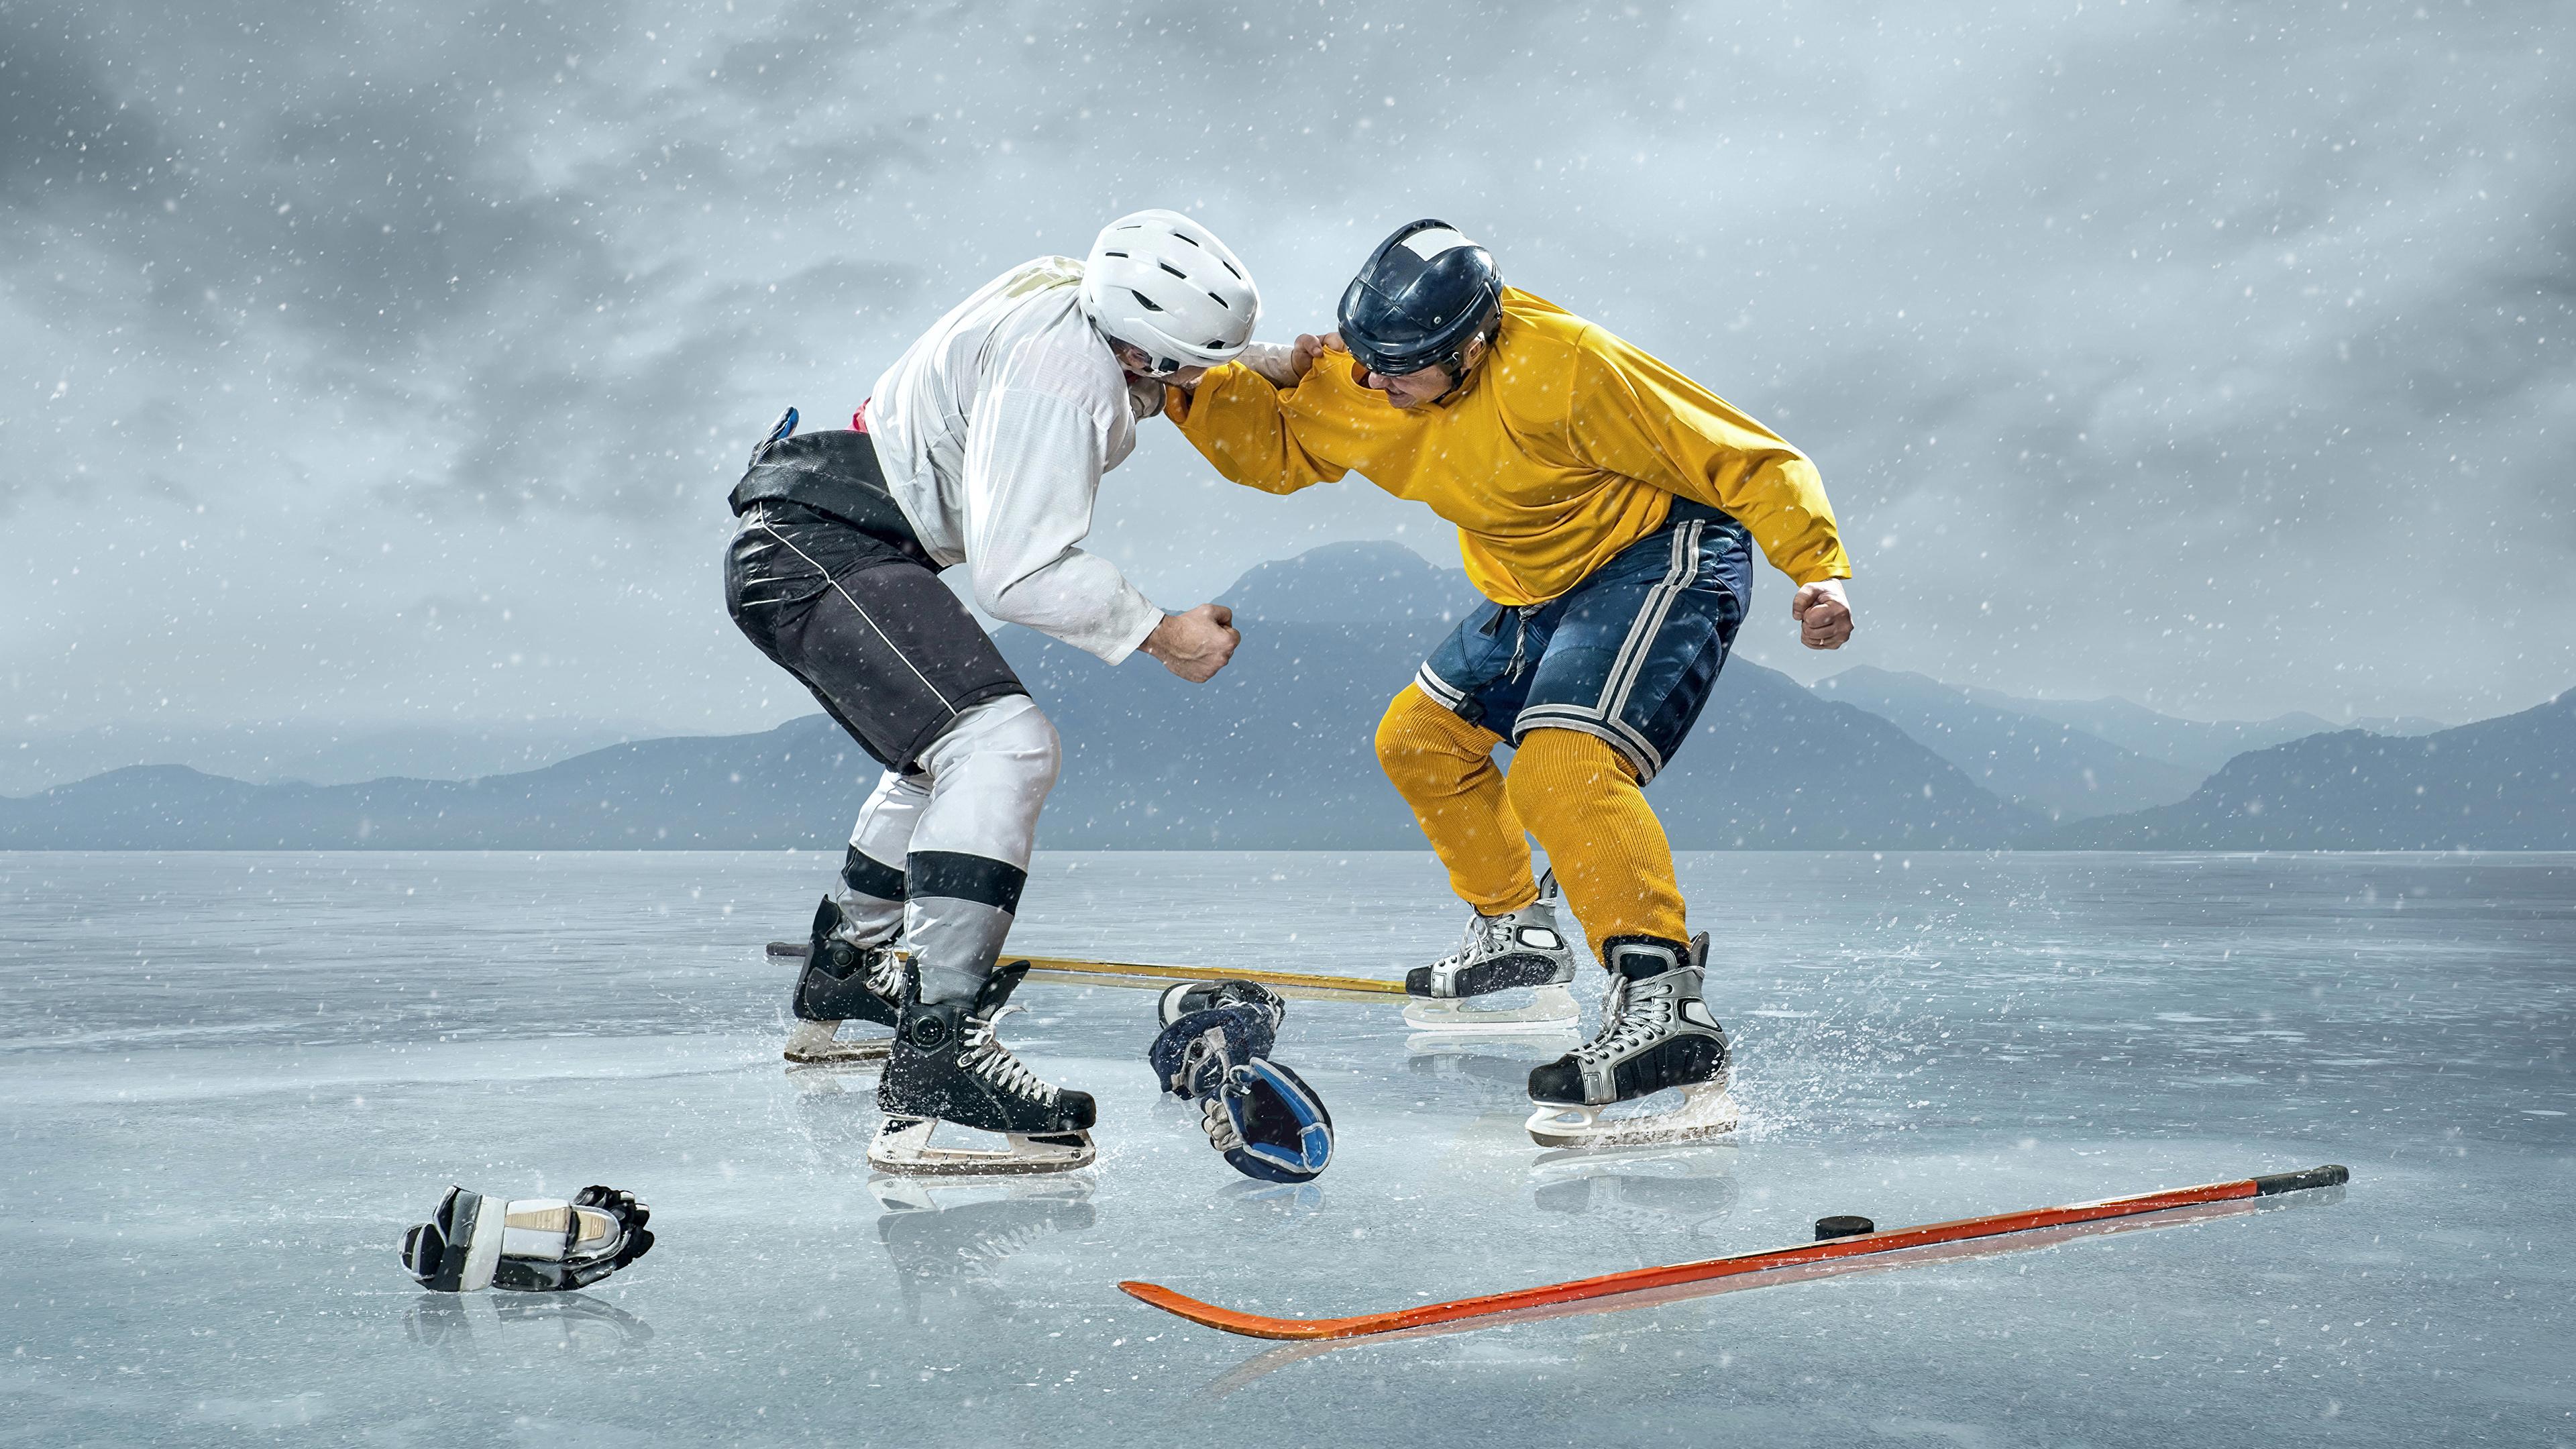 Bilder Helm Mann Eis Zwei Sport Schlägerei Hockey Uniform 3840x2160 2